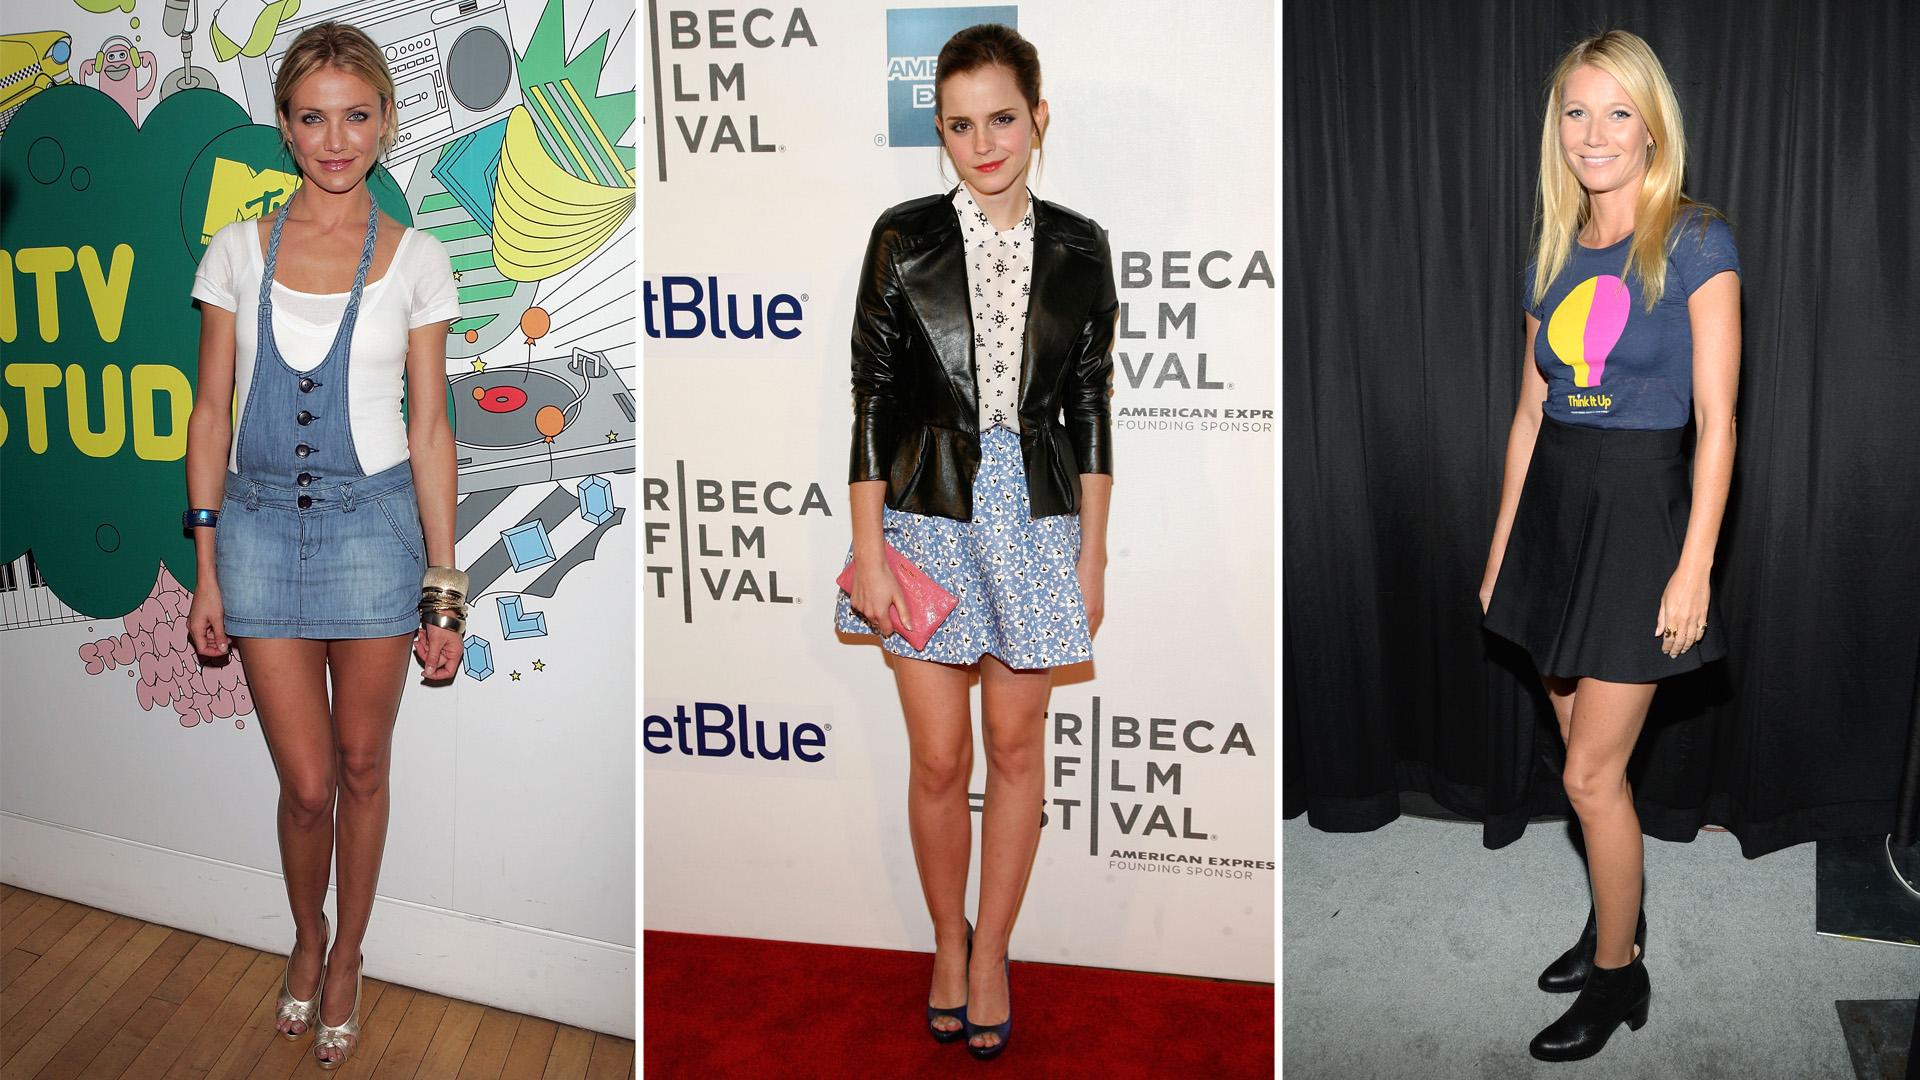 La minifalda sigue siendo una pieza adoptada por el mundo femenino